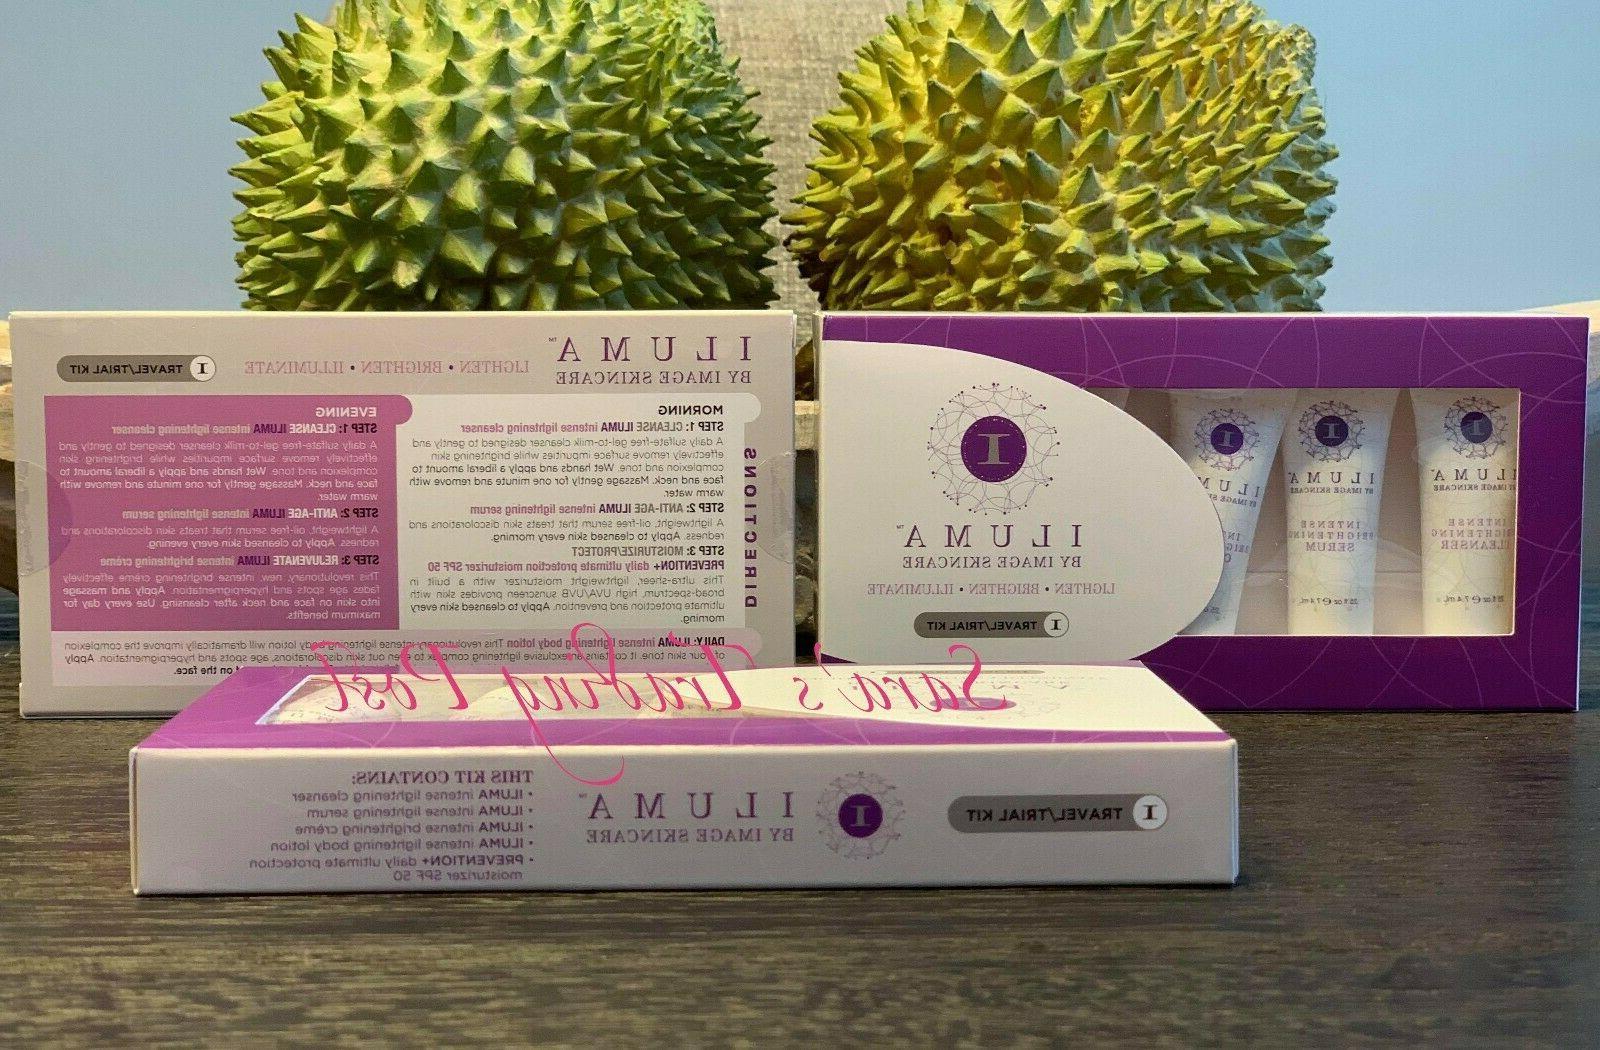 Image Skincare iLUMA Travel / Trial Kit EXP 02/2018